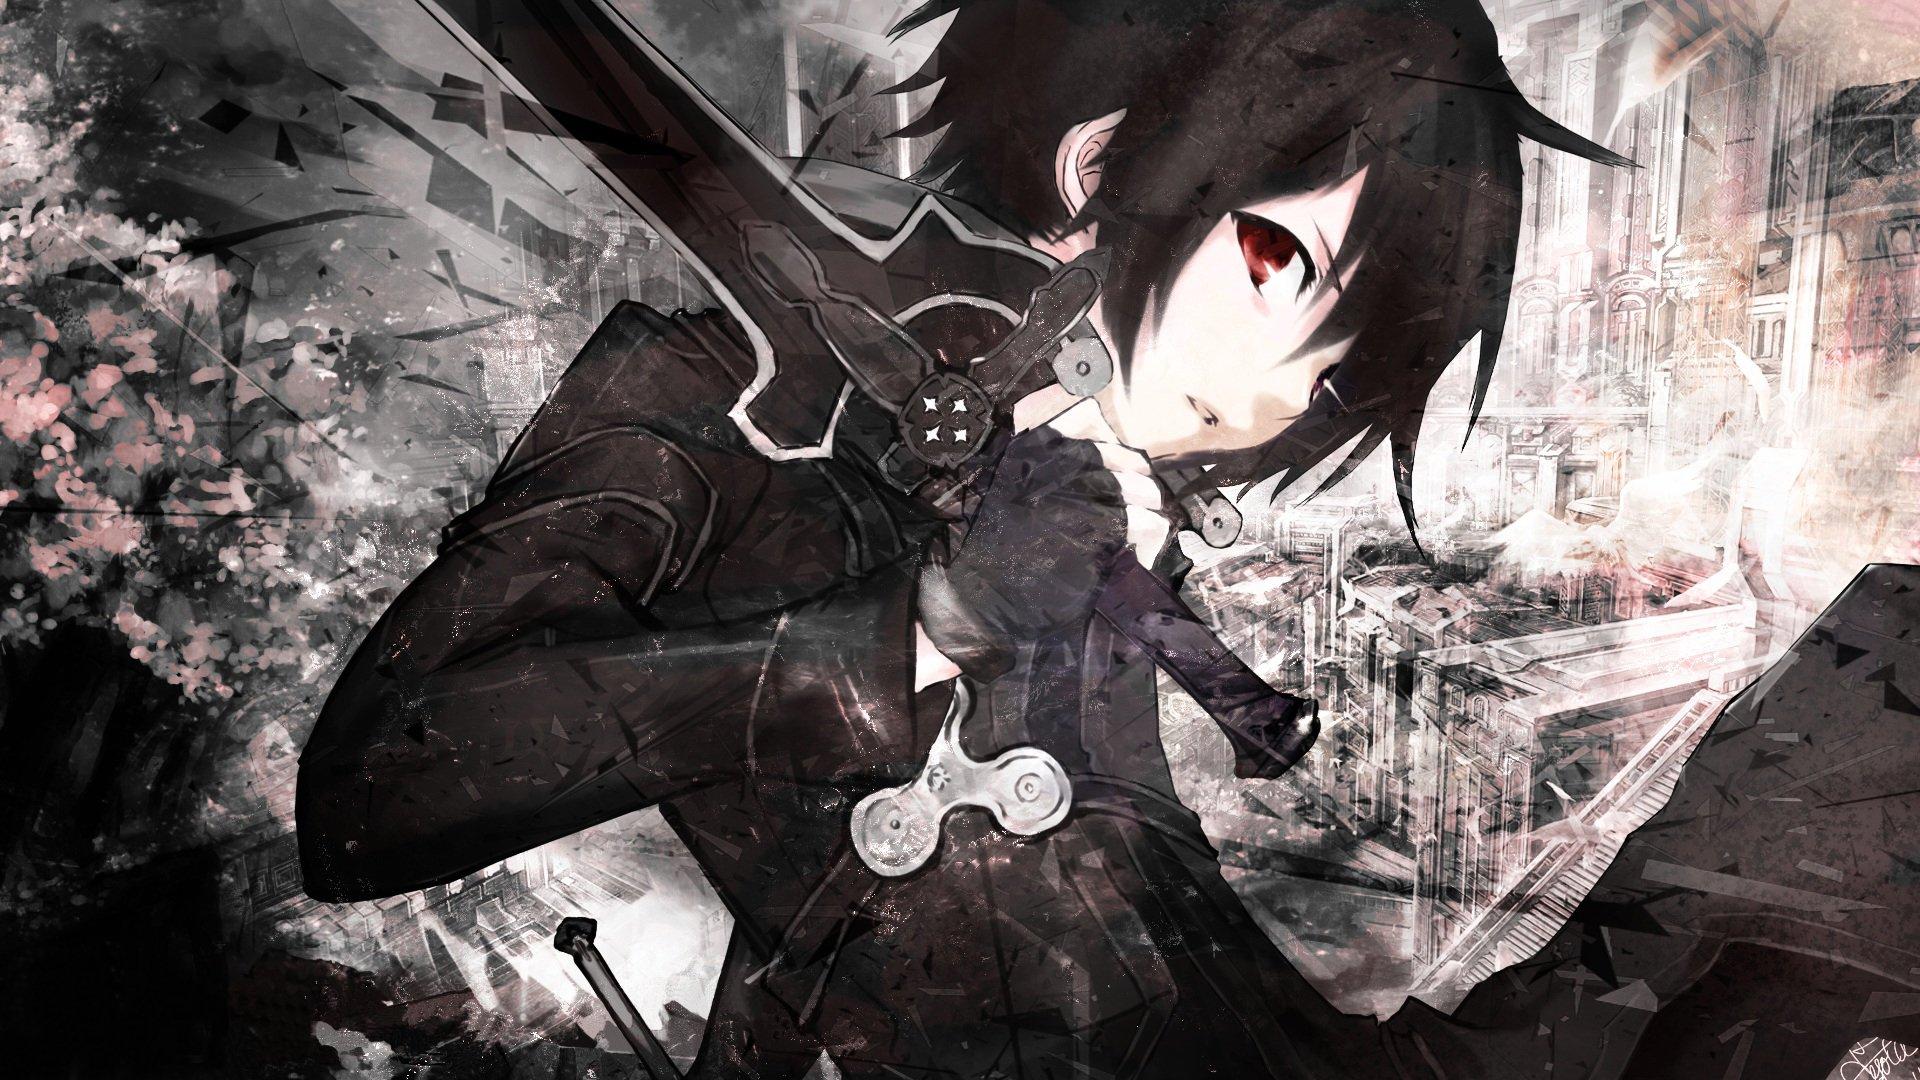 Hình ảnh Kirito không những đáng yêu mà còn rất ngầu và chất nữa. Những hình ảnh này ghi lại khoảnh khắc siêu ngầu và đẹp của mỗi nhân vật.